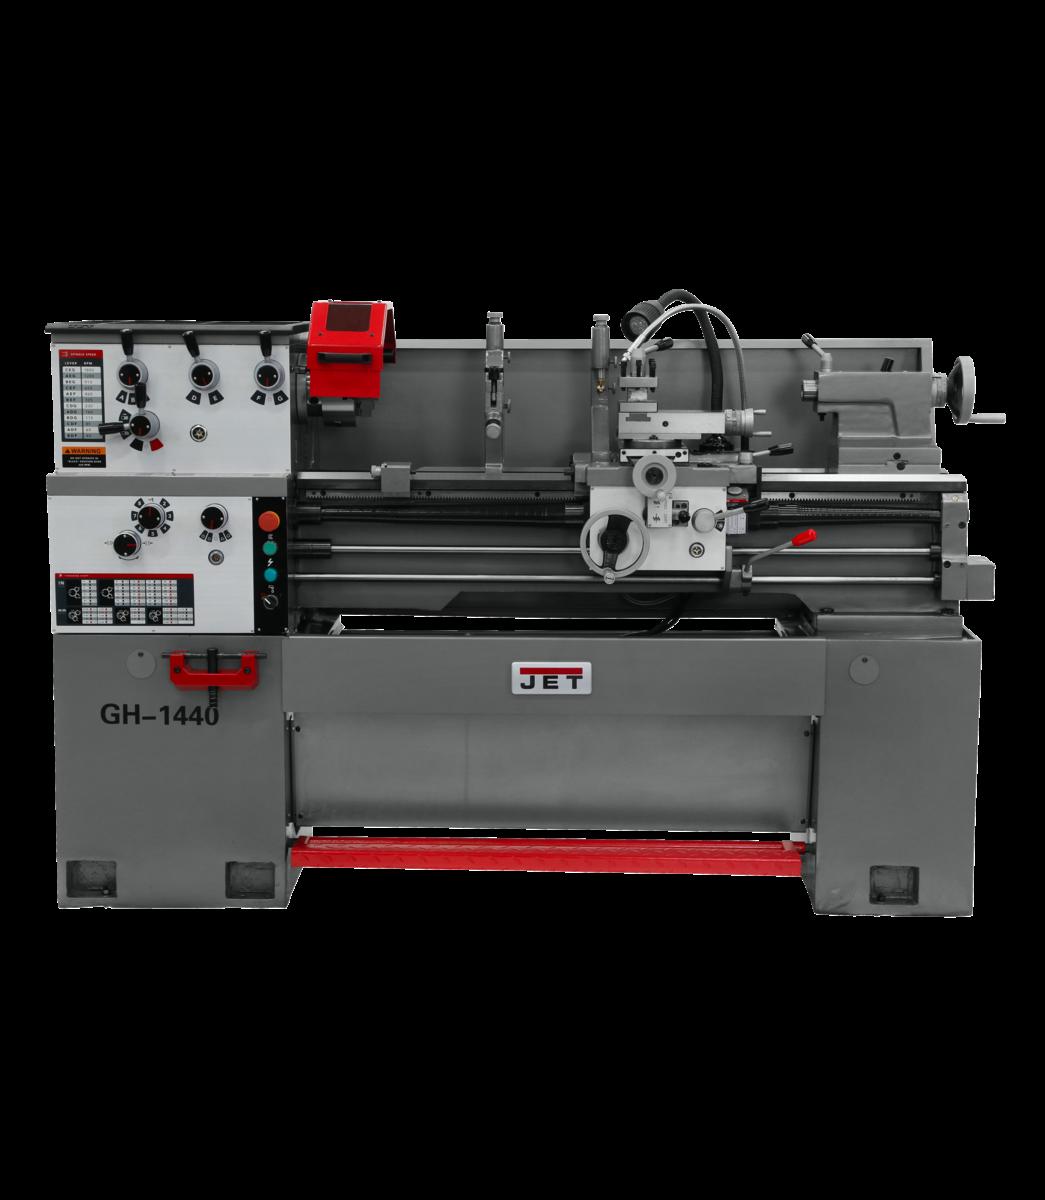 GH-1440-1   LATHE DP700 DRO & COLLET CLO